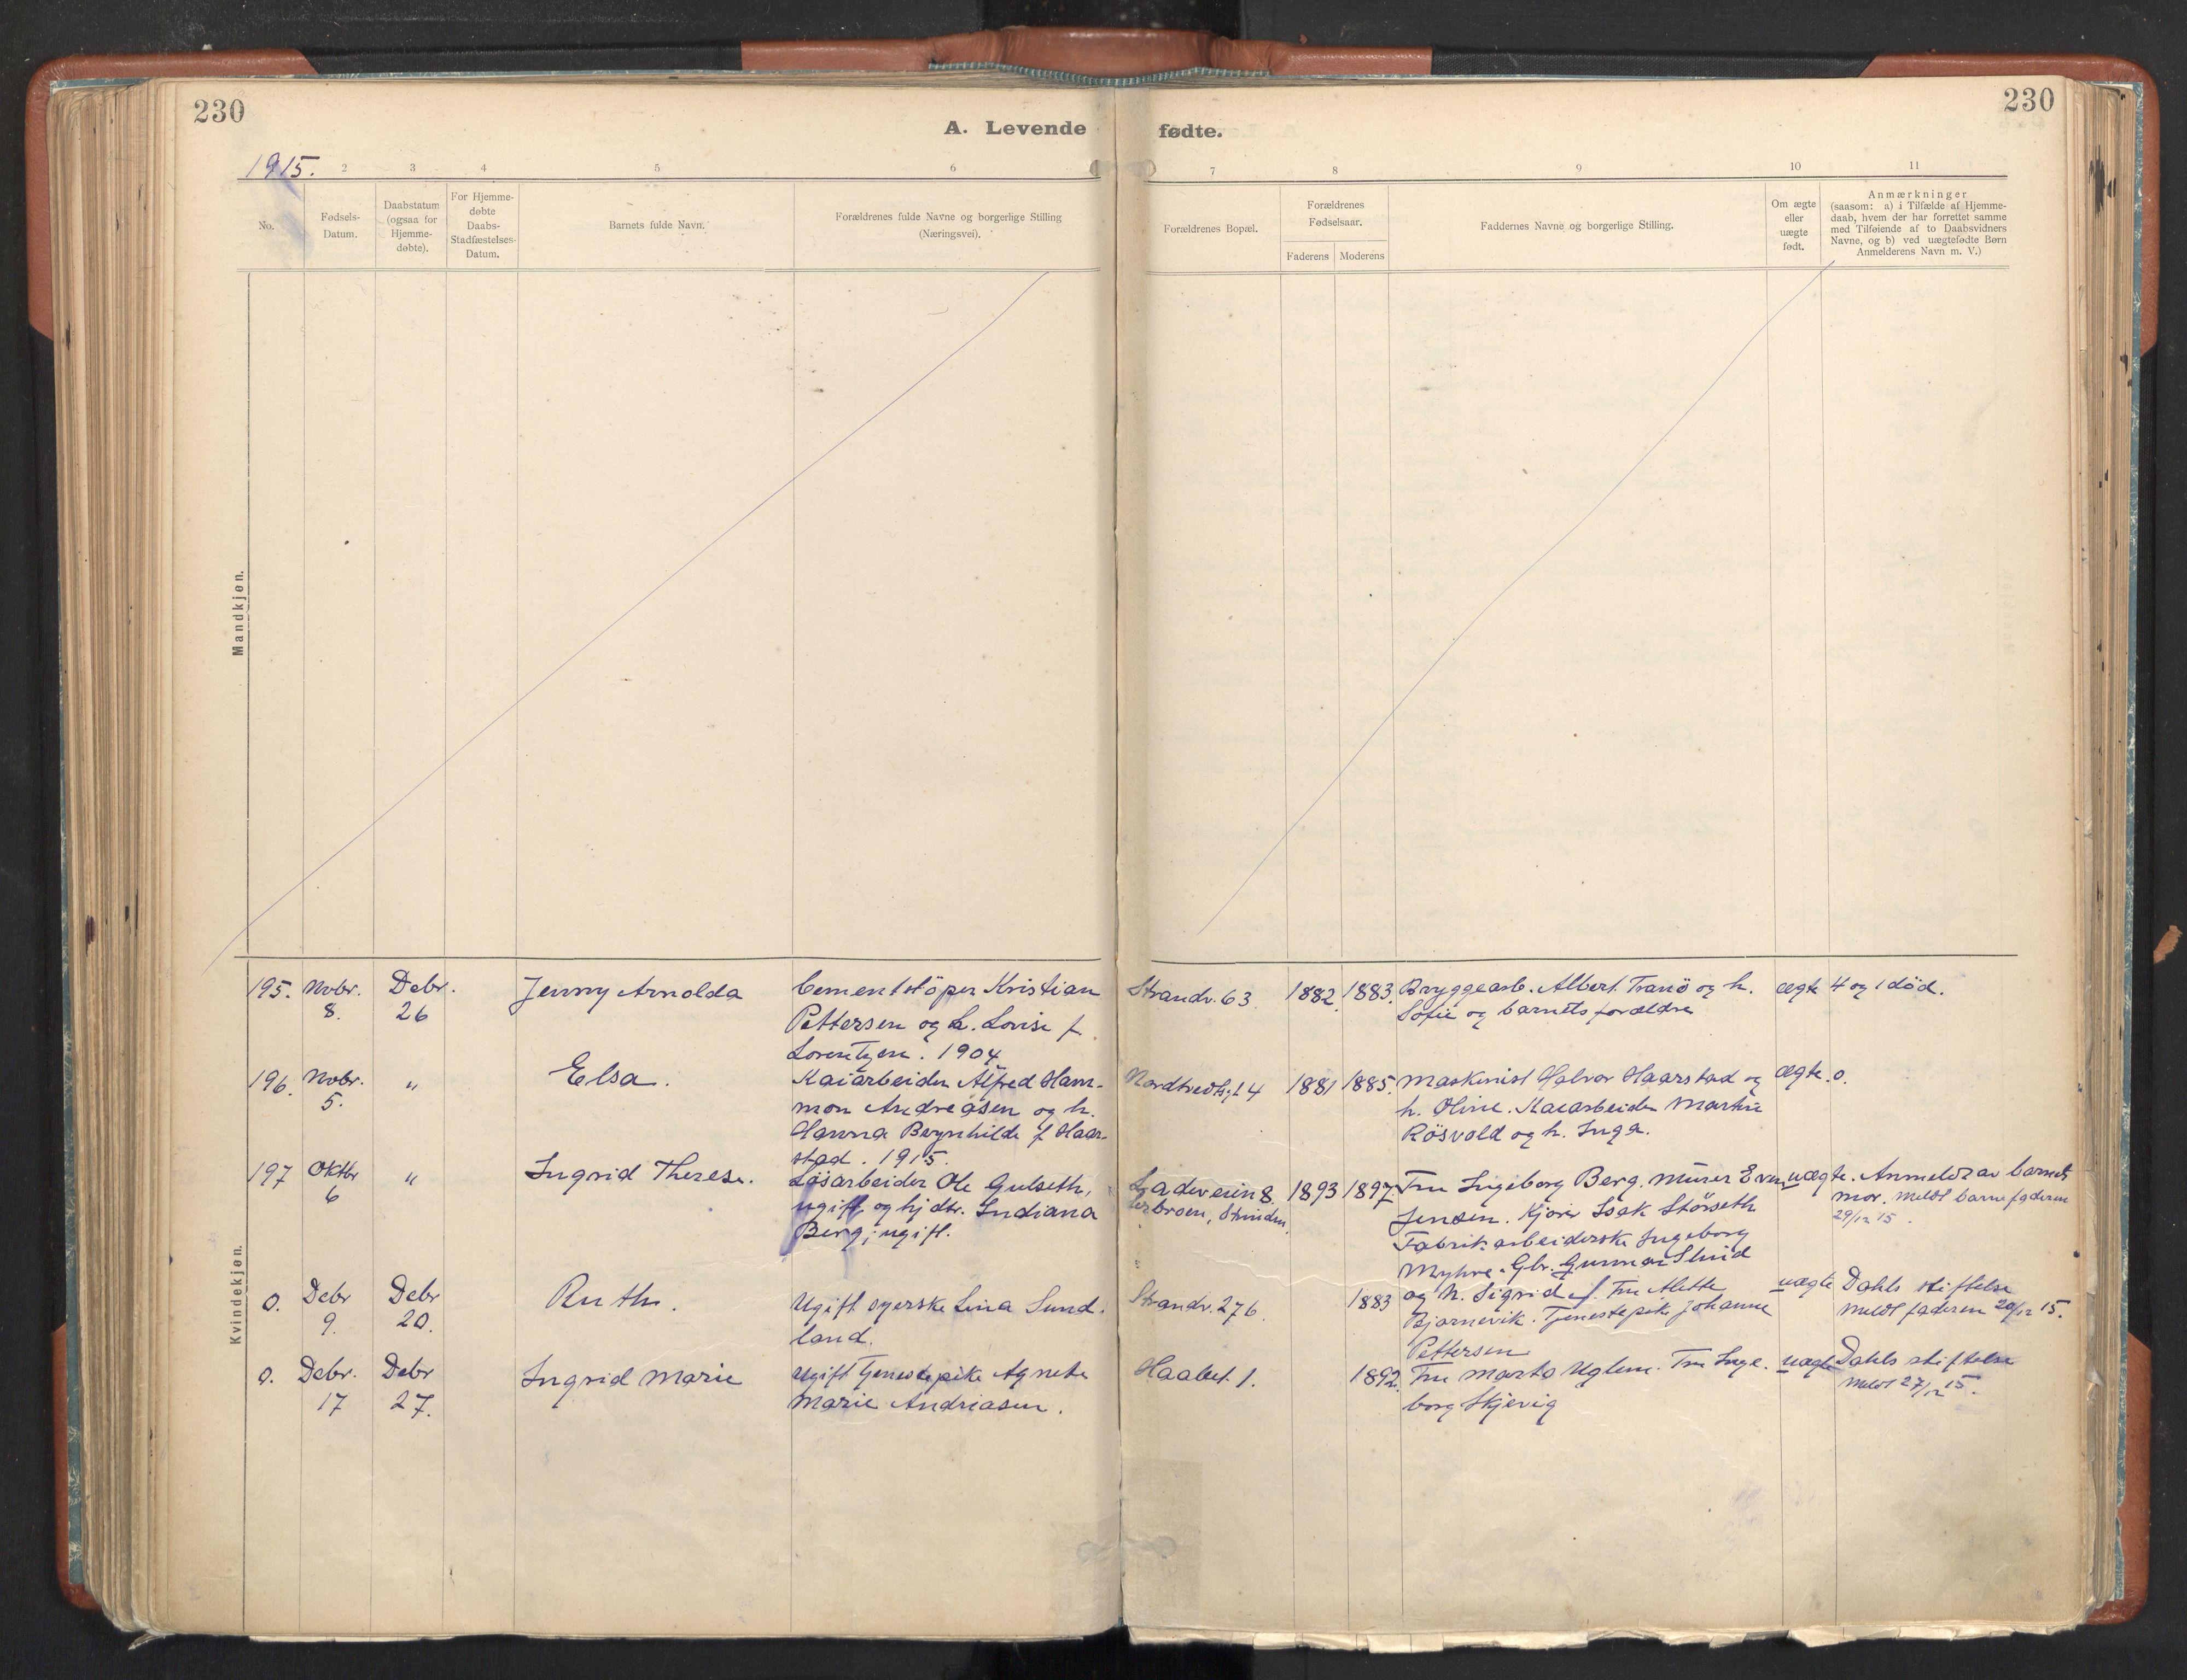 SAT, Ministerialprotokoller, klokkerbøker og fødselsregistre - Sør-Trøndelag, 605/L0243: Ministerialbok nr. 605A05, 1908-1923, s. 230